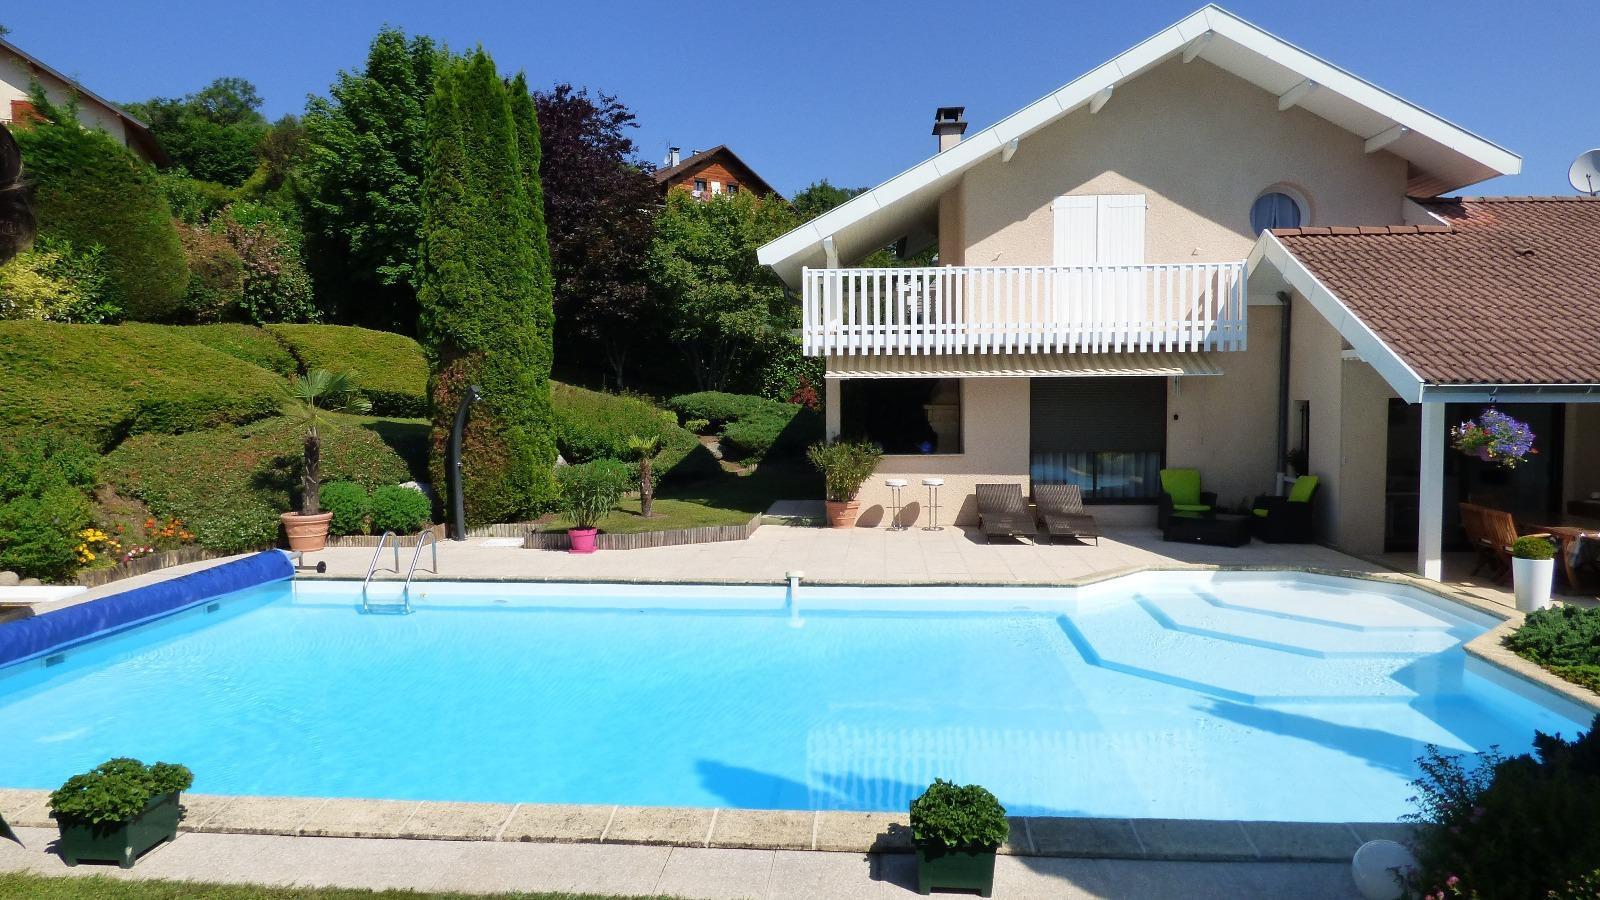 1531- Maison d'architecte avec piscine